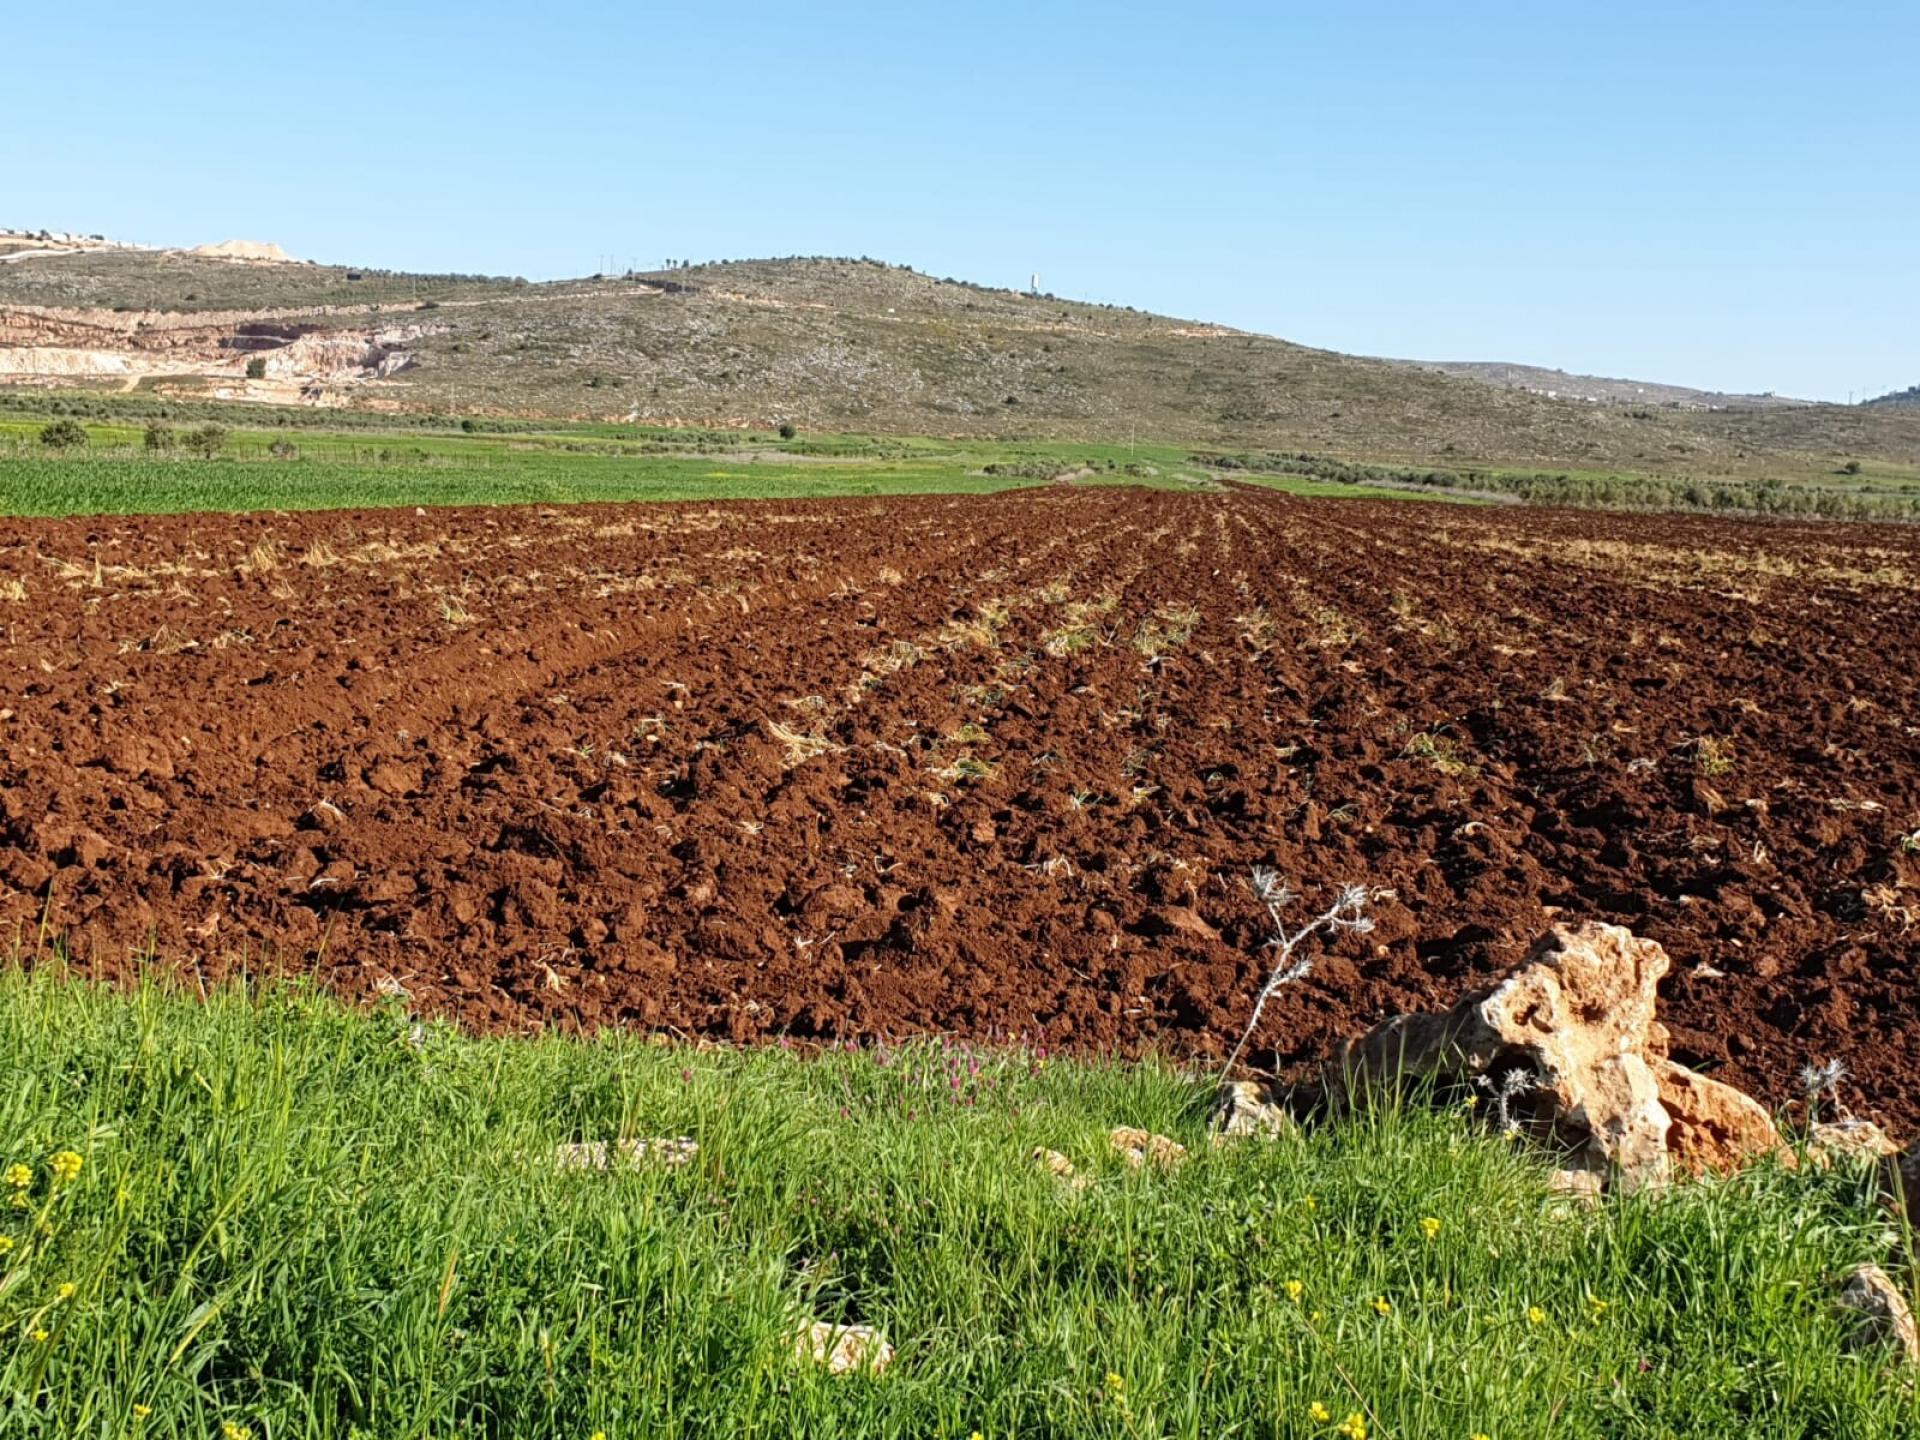 עמק החקלאות הפורה וחגורת המאחזים מצפון